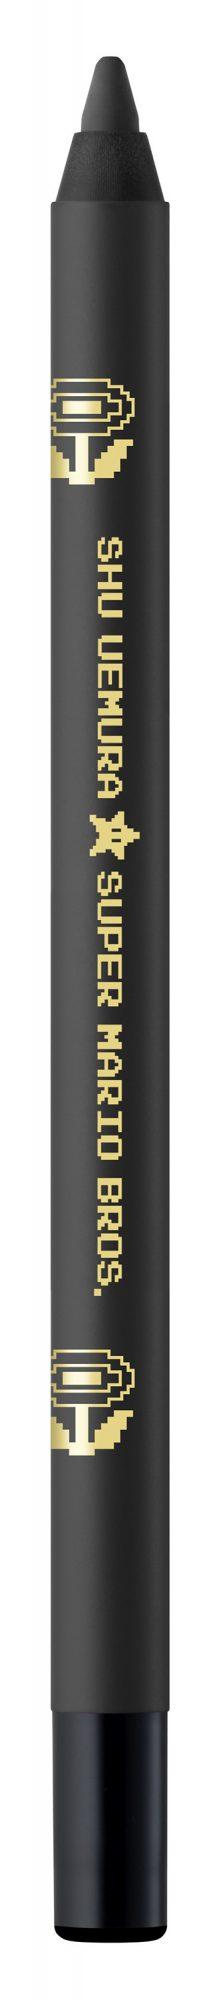 pencilliner.jpg